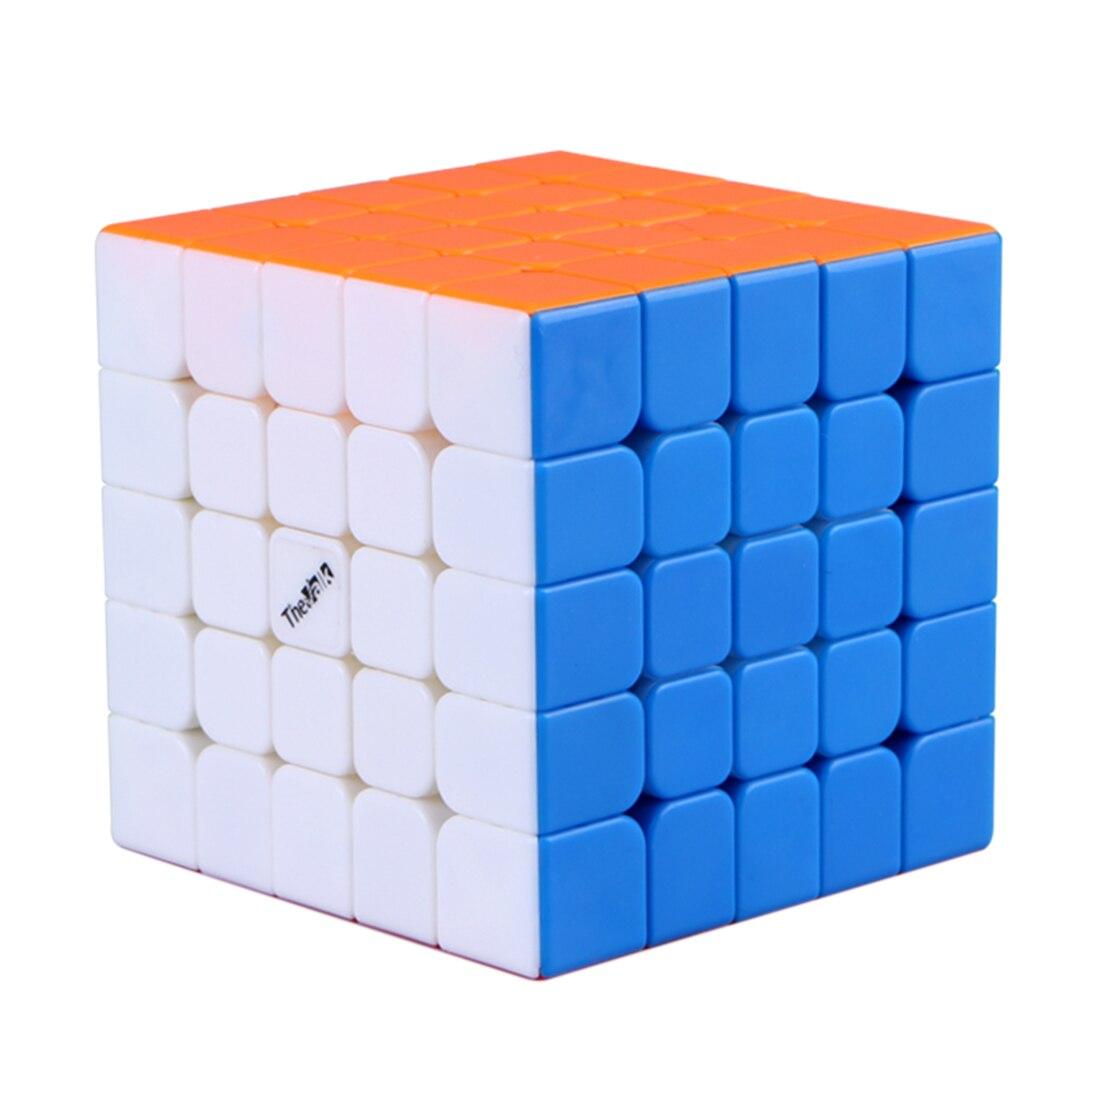 Surwish Valk 5 м магический куб, квадрат Cube 5x5 Кубик Рубика для профессионалов 5 на 5 спидкуб красочный черный